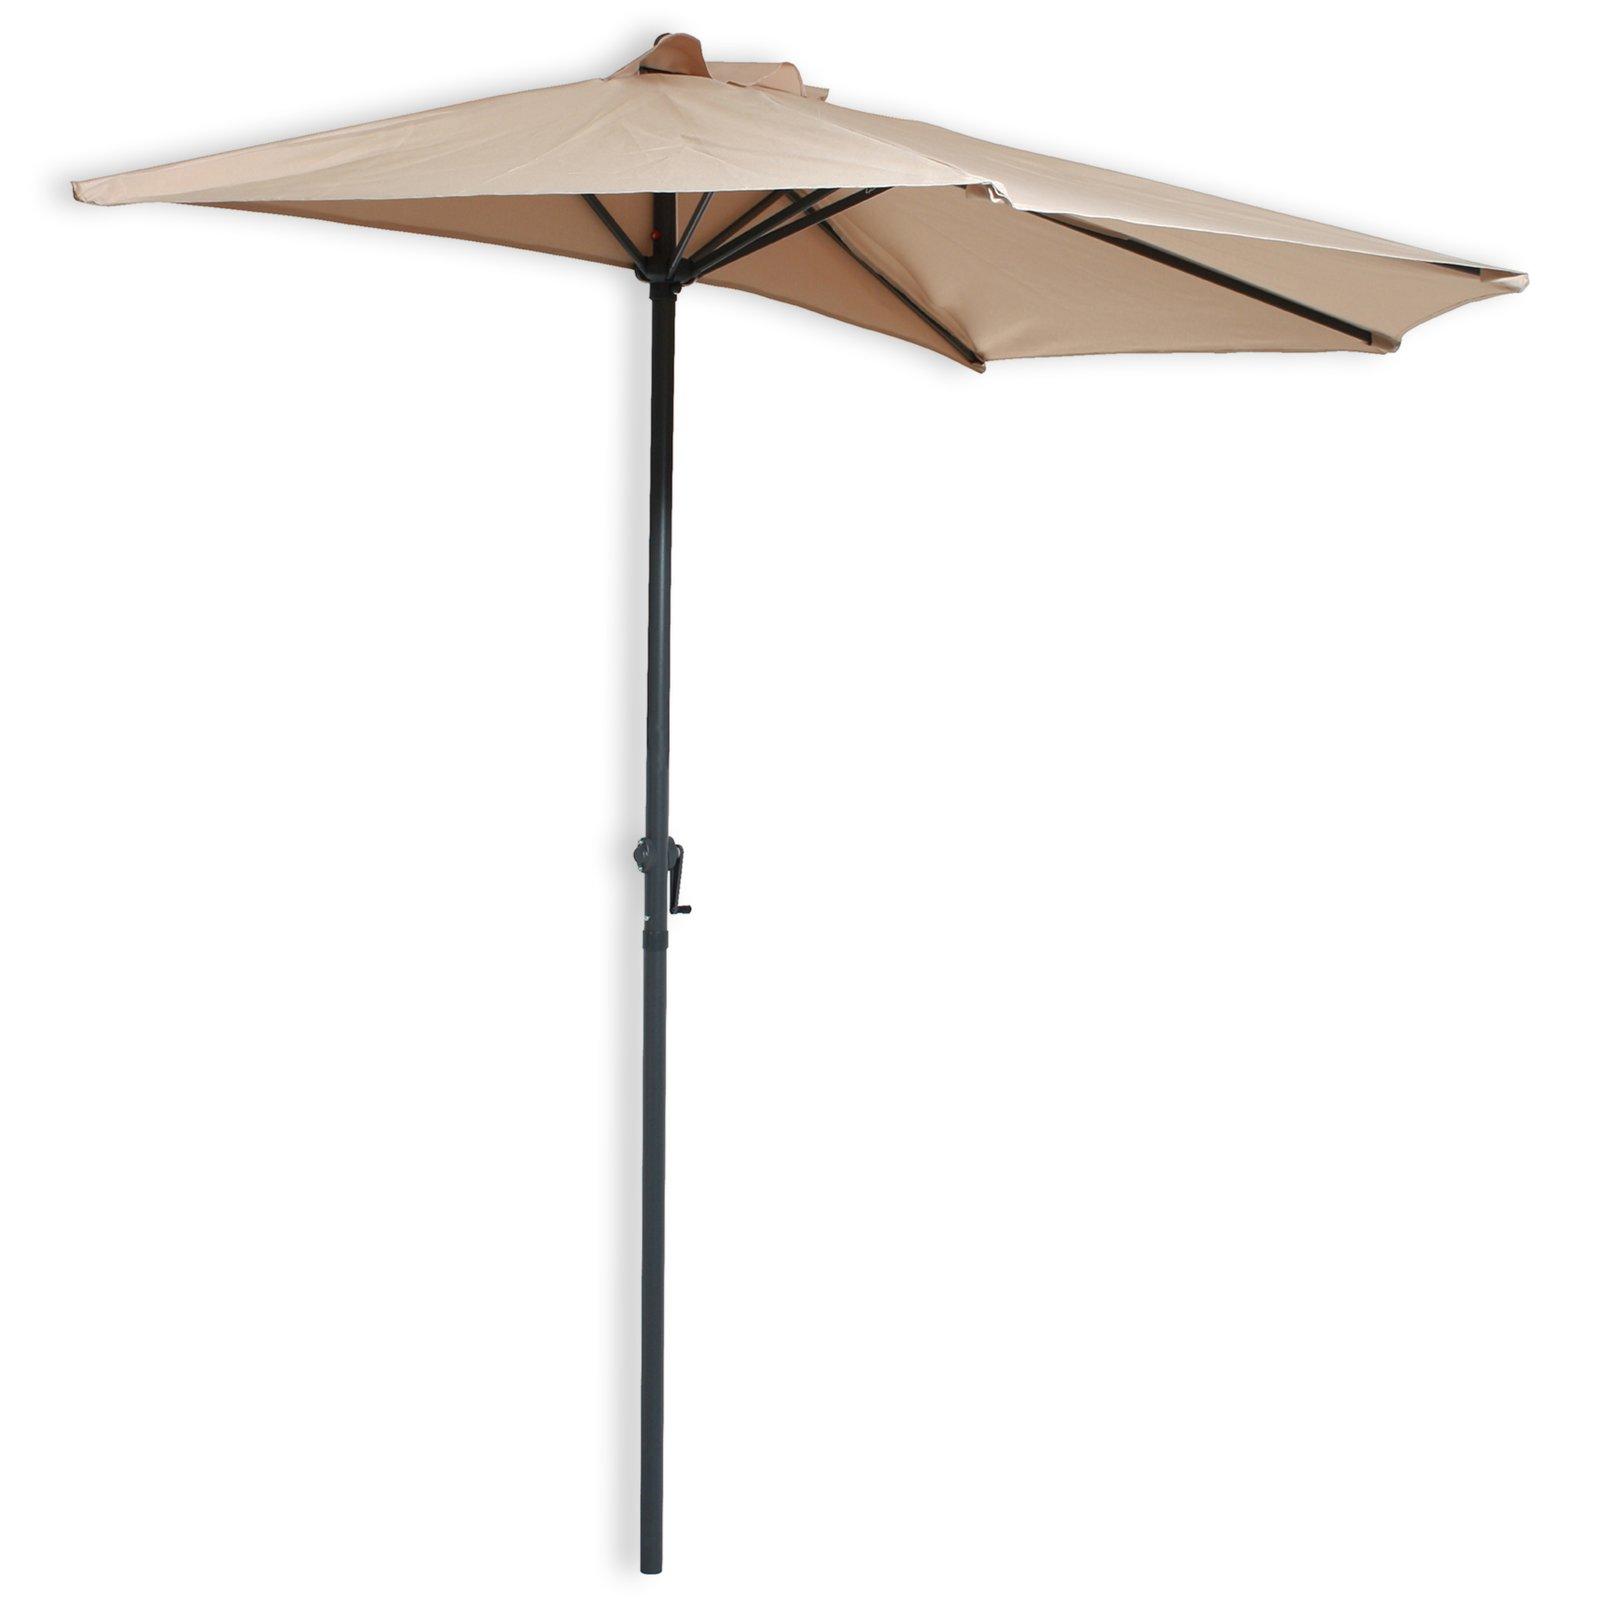 sonnenschirm beige halbrund 270 cm sonnenschirme schirmst nder gartenm bel balkon. Black Bedroom Furniture Sets. Home Design Ideas